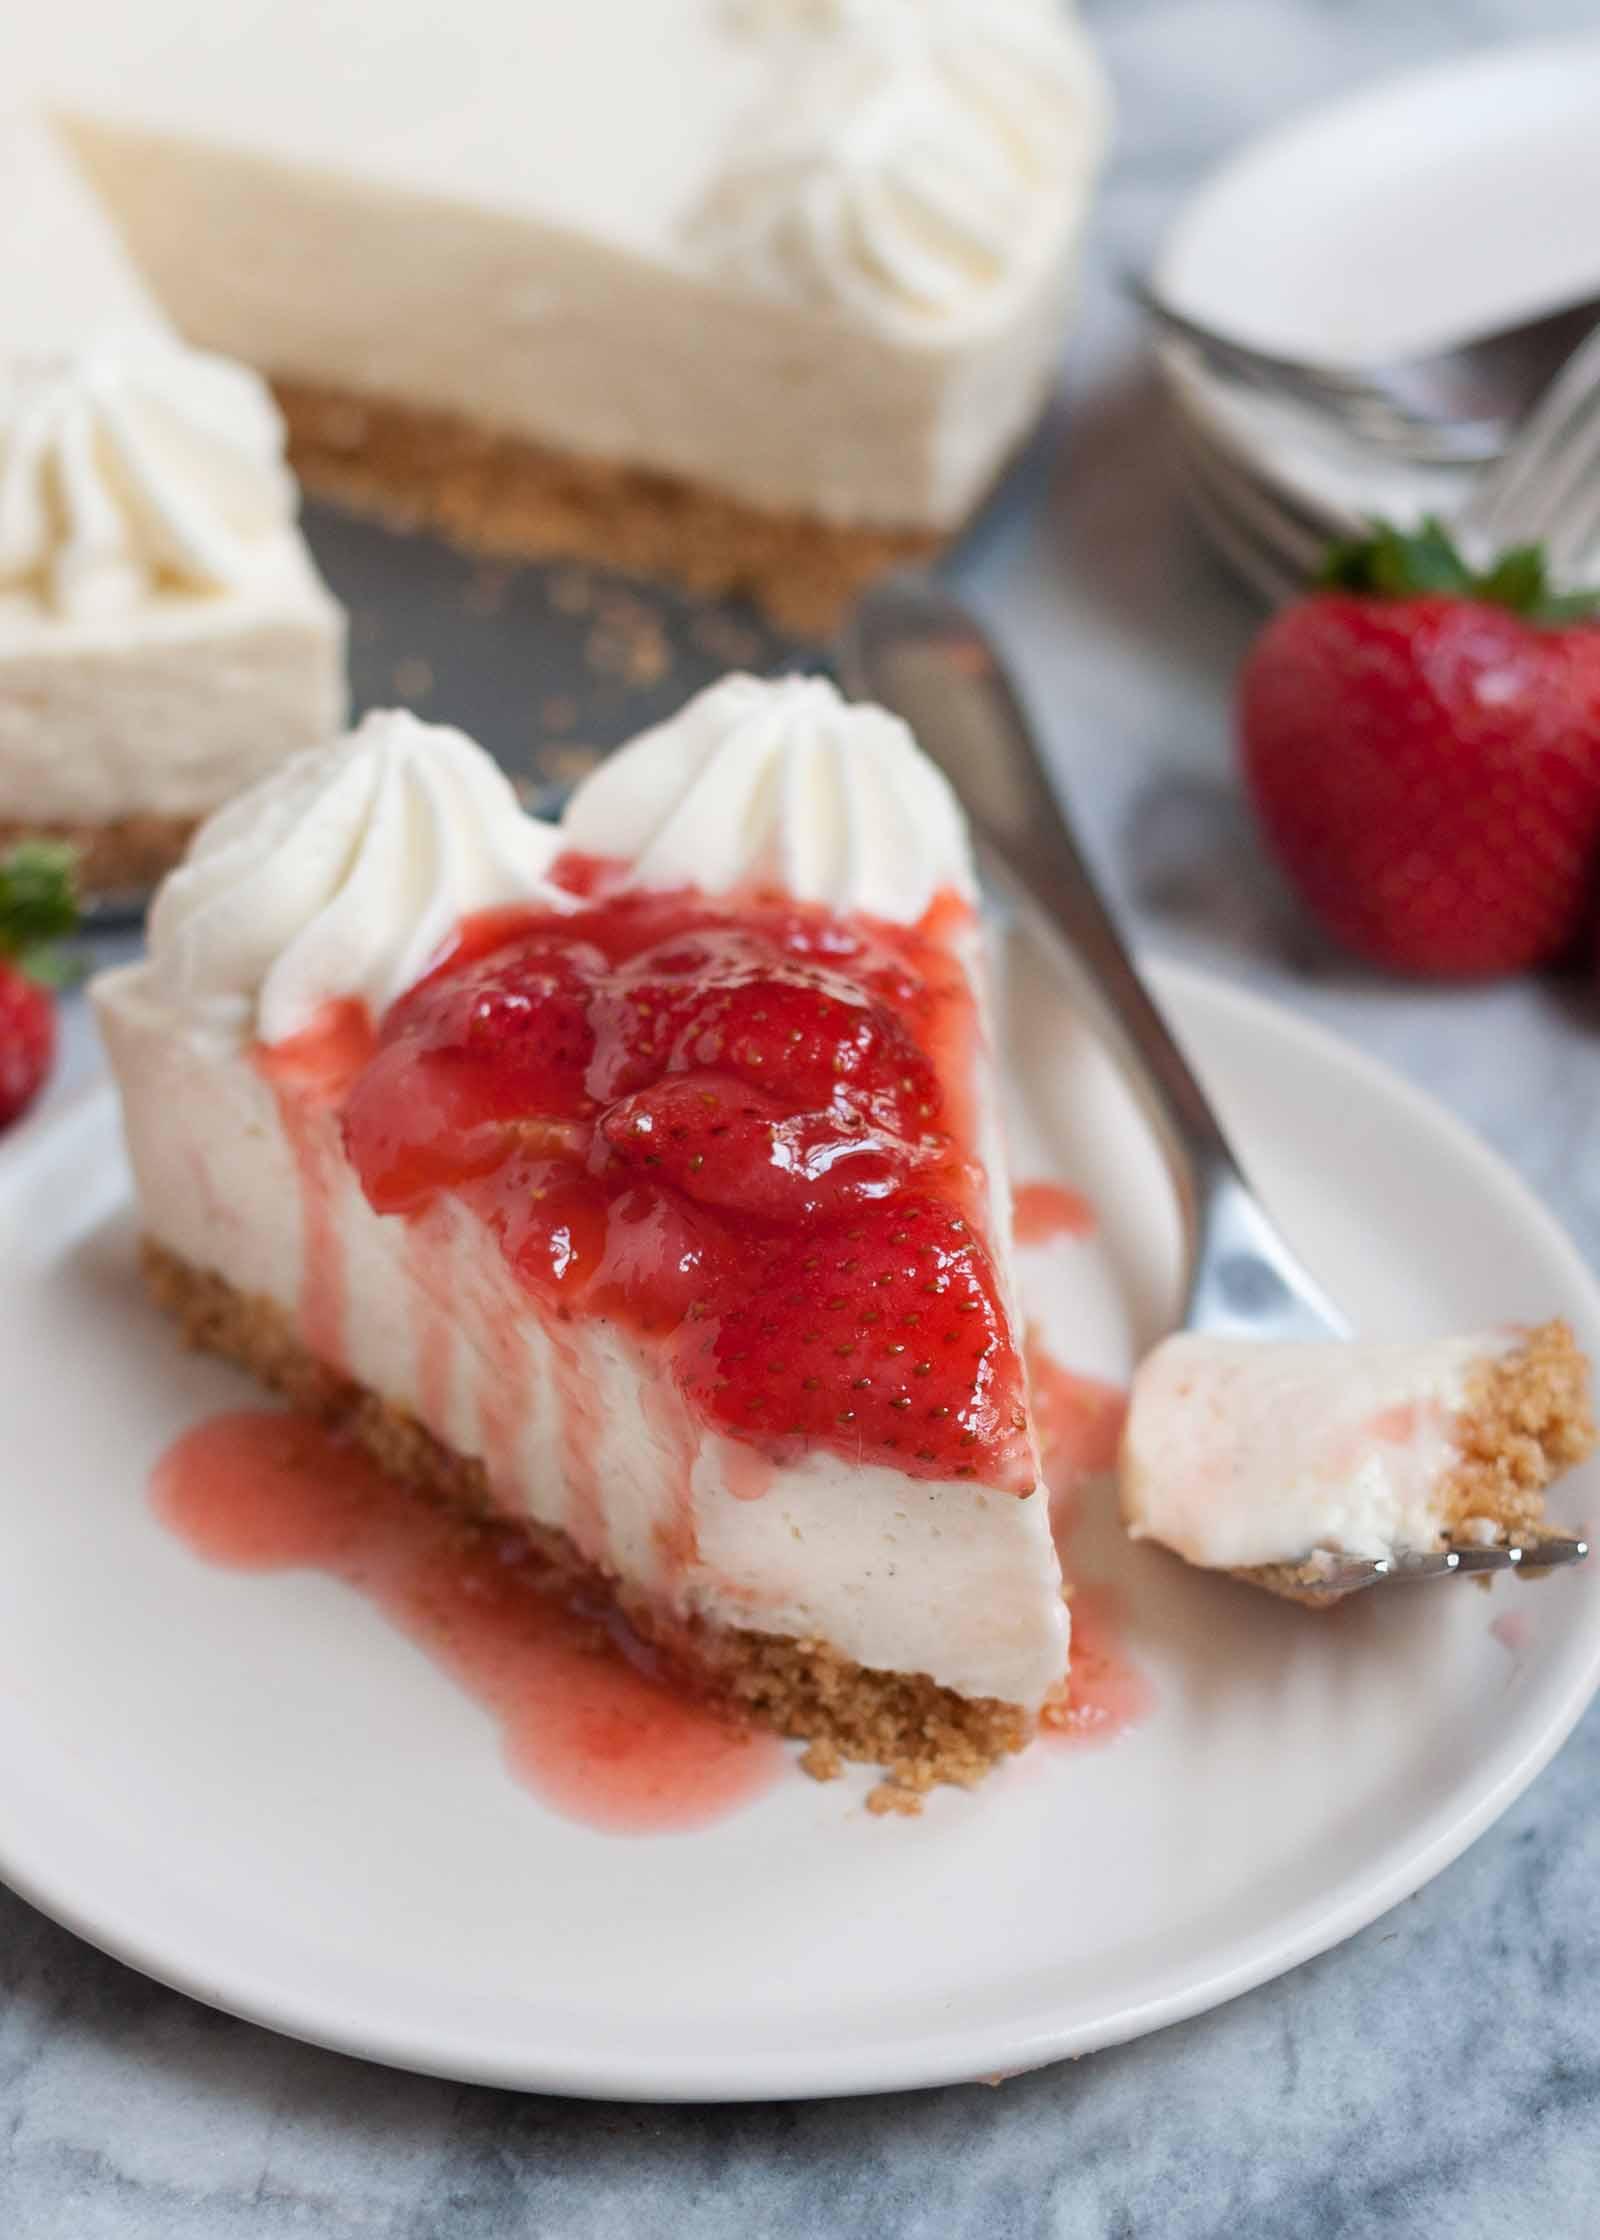 Cheesecake Recipe No Bake  No Bake Cheesecake Recipe